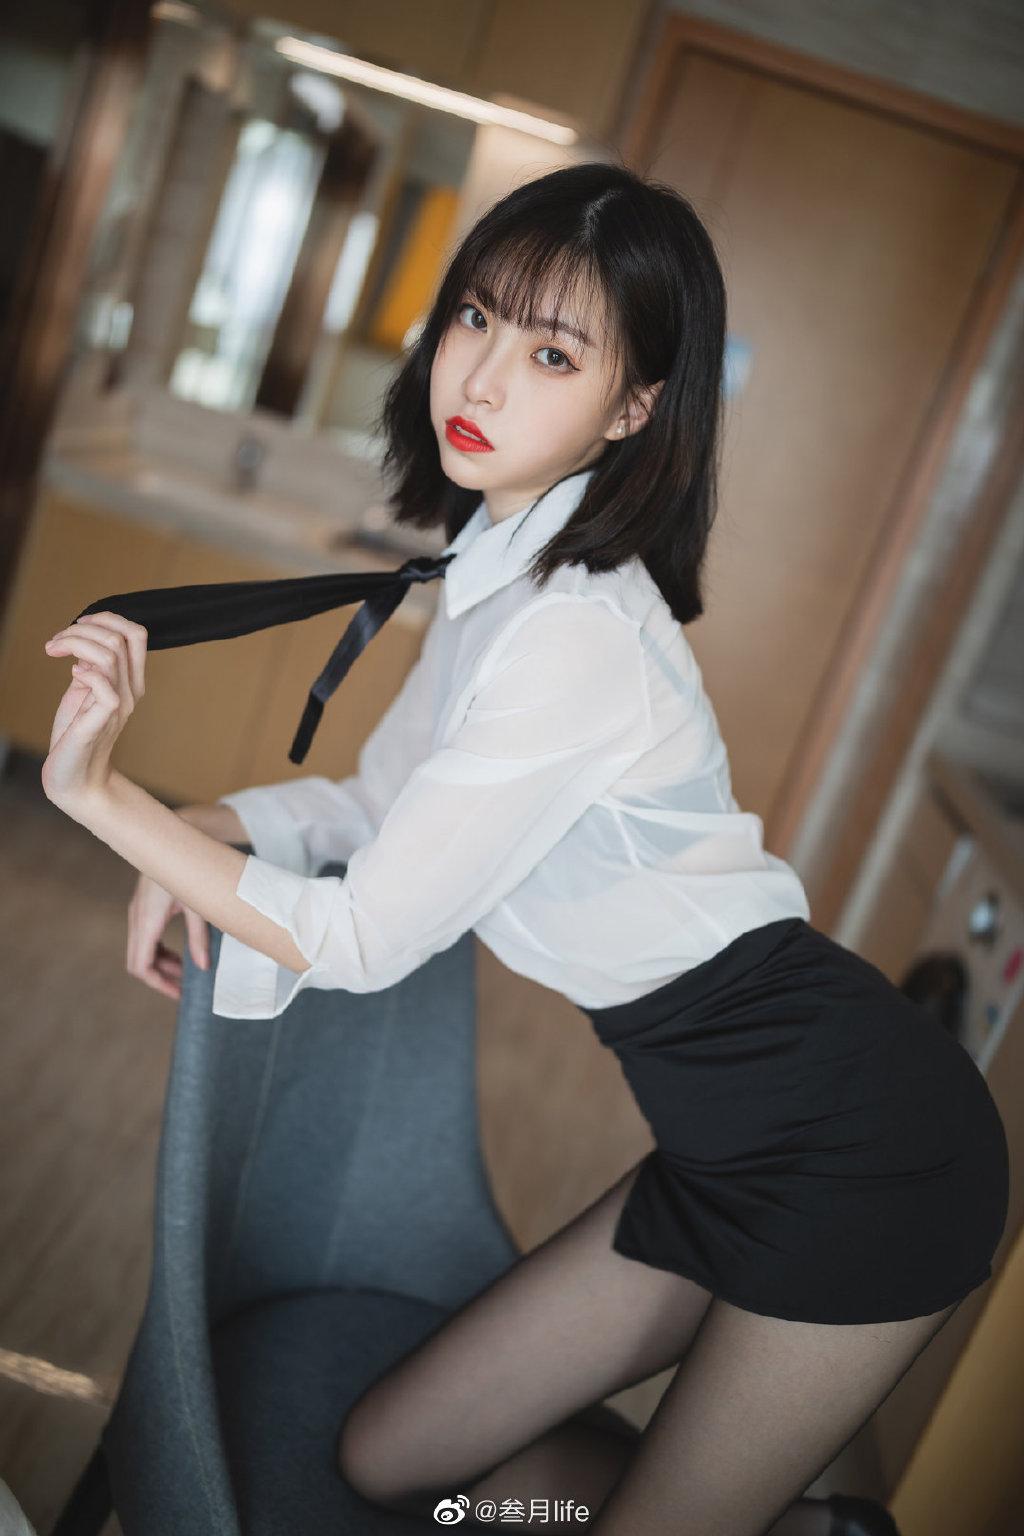 好标准的OL呀@许岚LAN 这么漂亮的腿不登三轮可惜了!